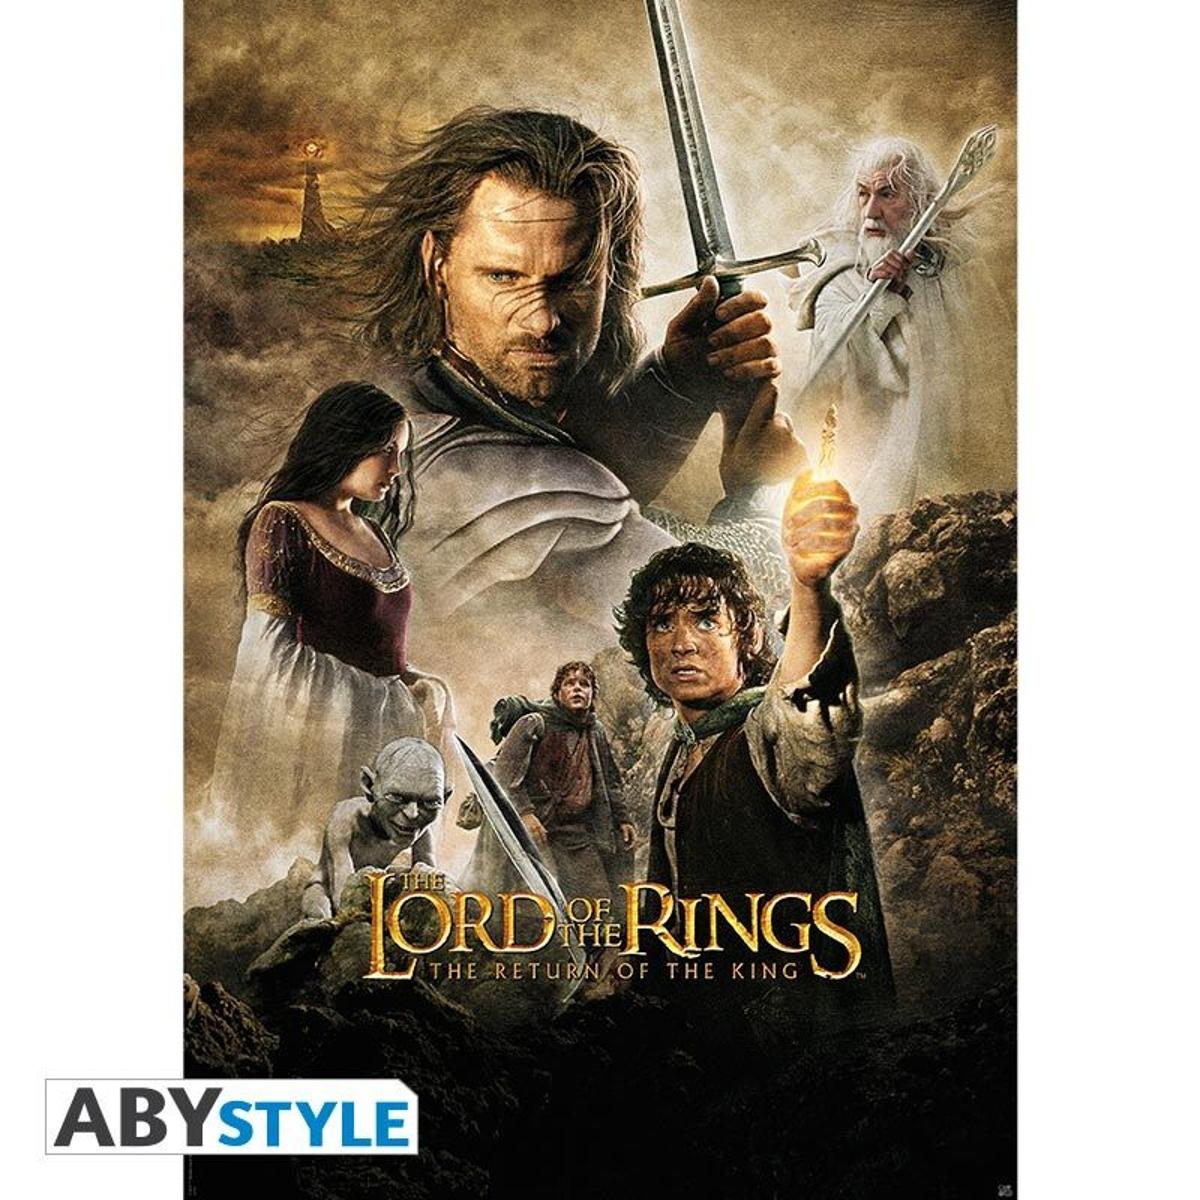 LORD OF THE RING - Poster Le Retour du Roi roulé filmé (98x68)